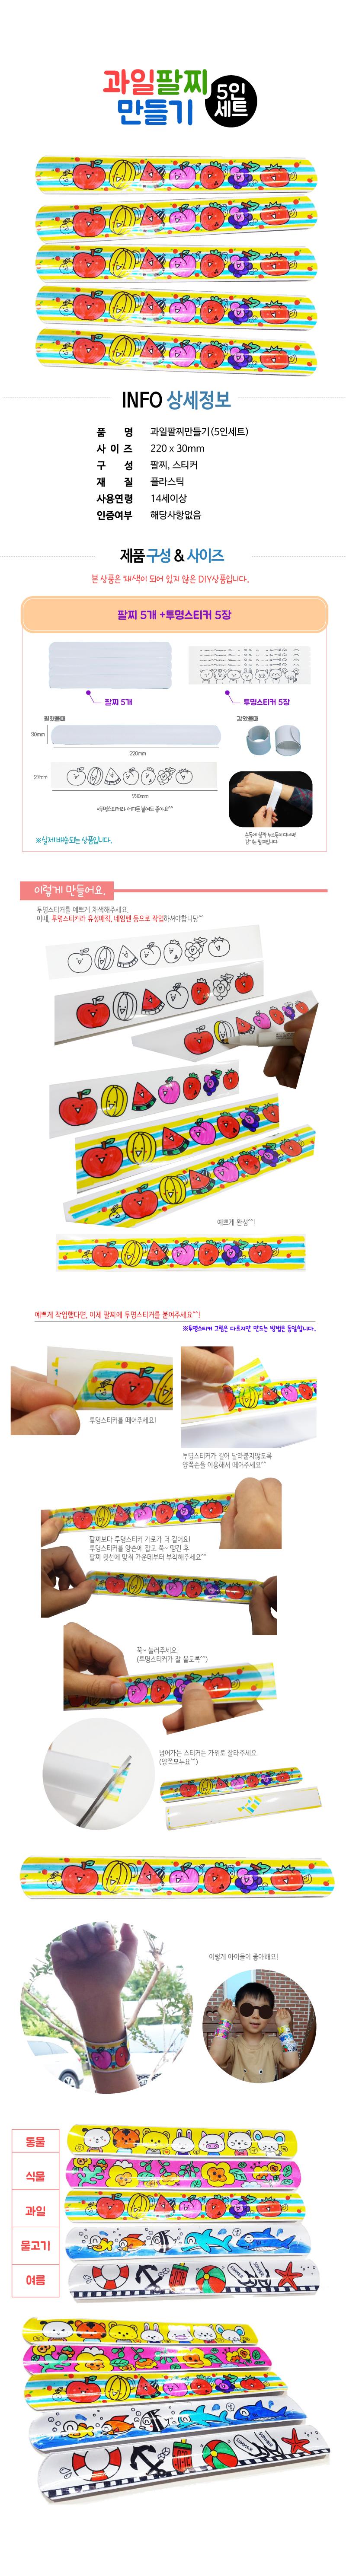 과일 팔찌 만들기(5인세트) - 피오피스토리, 4,800원, 주얼리 DIY, 팔찌/발찌